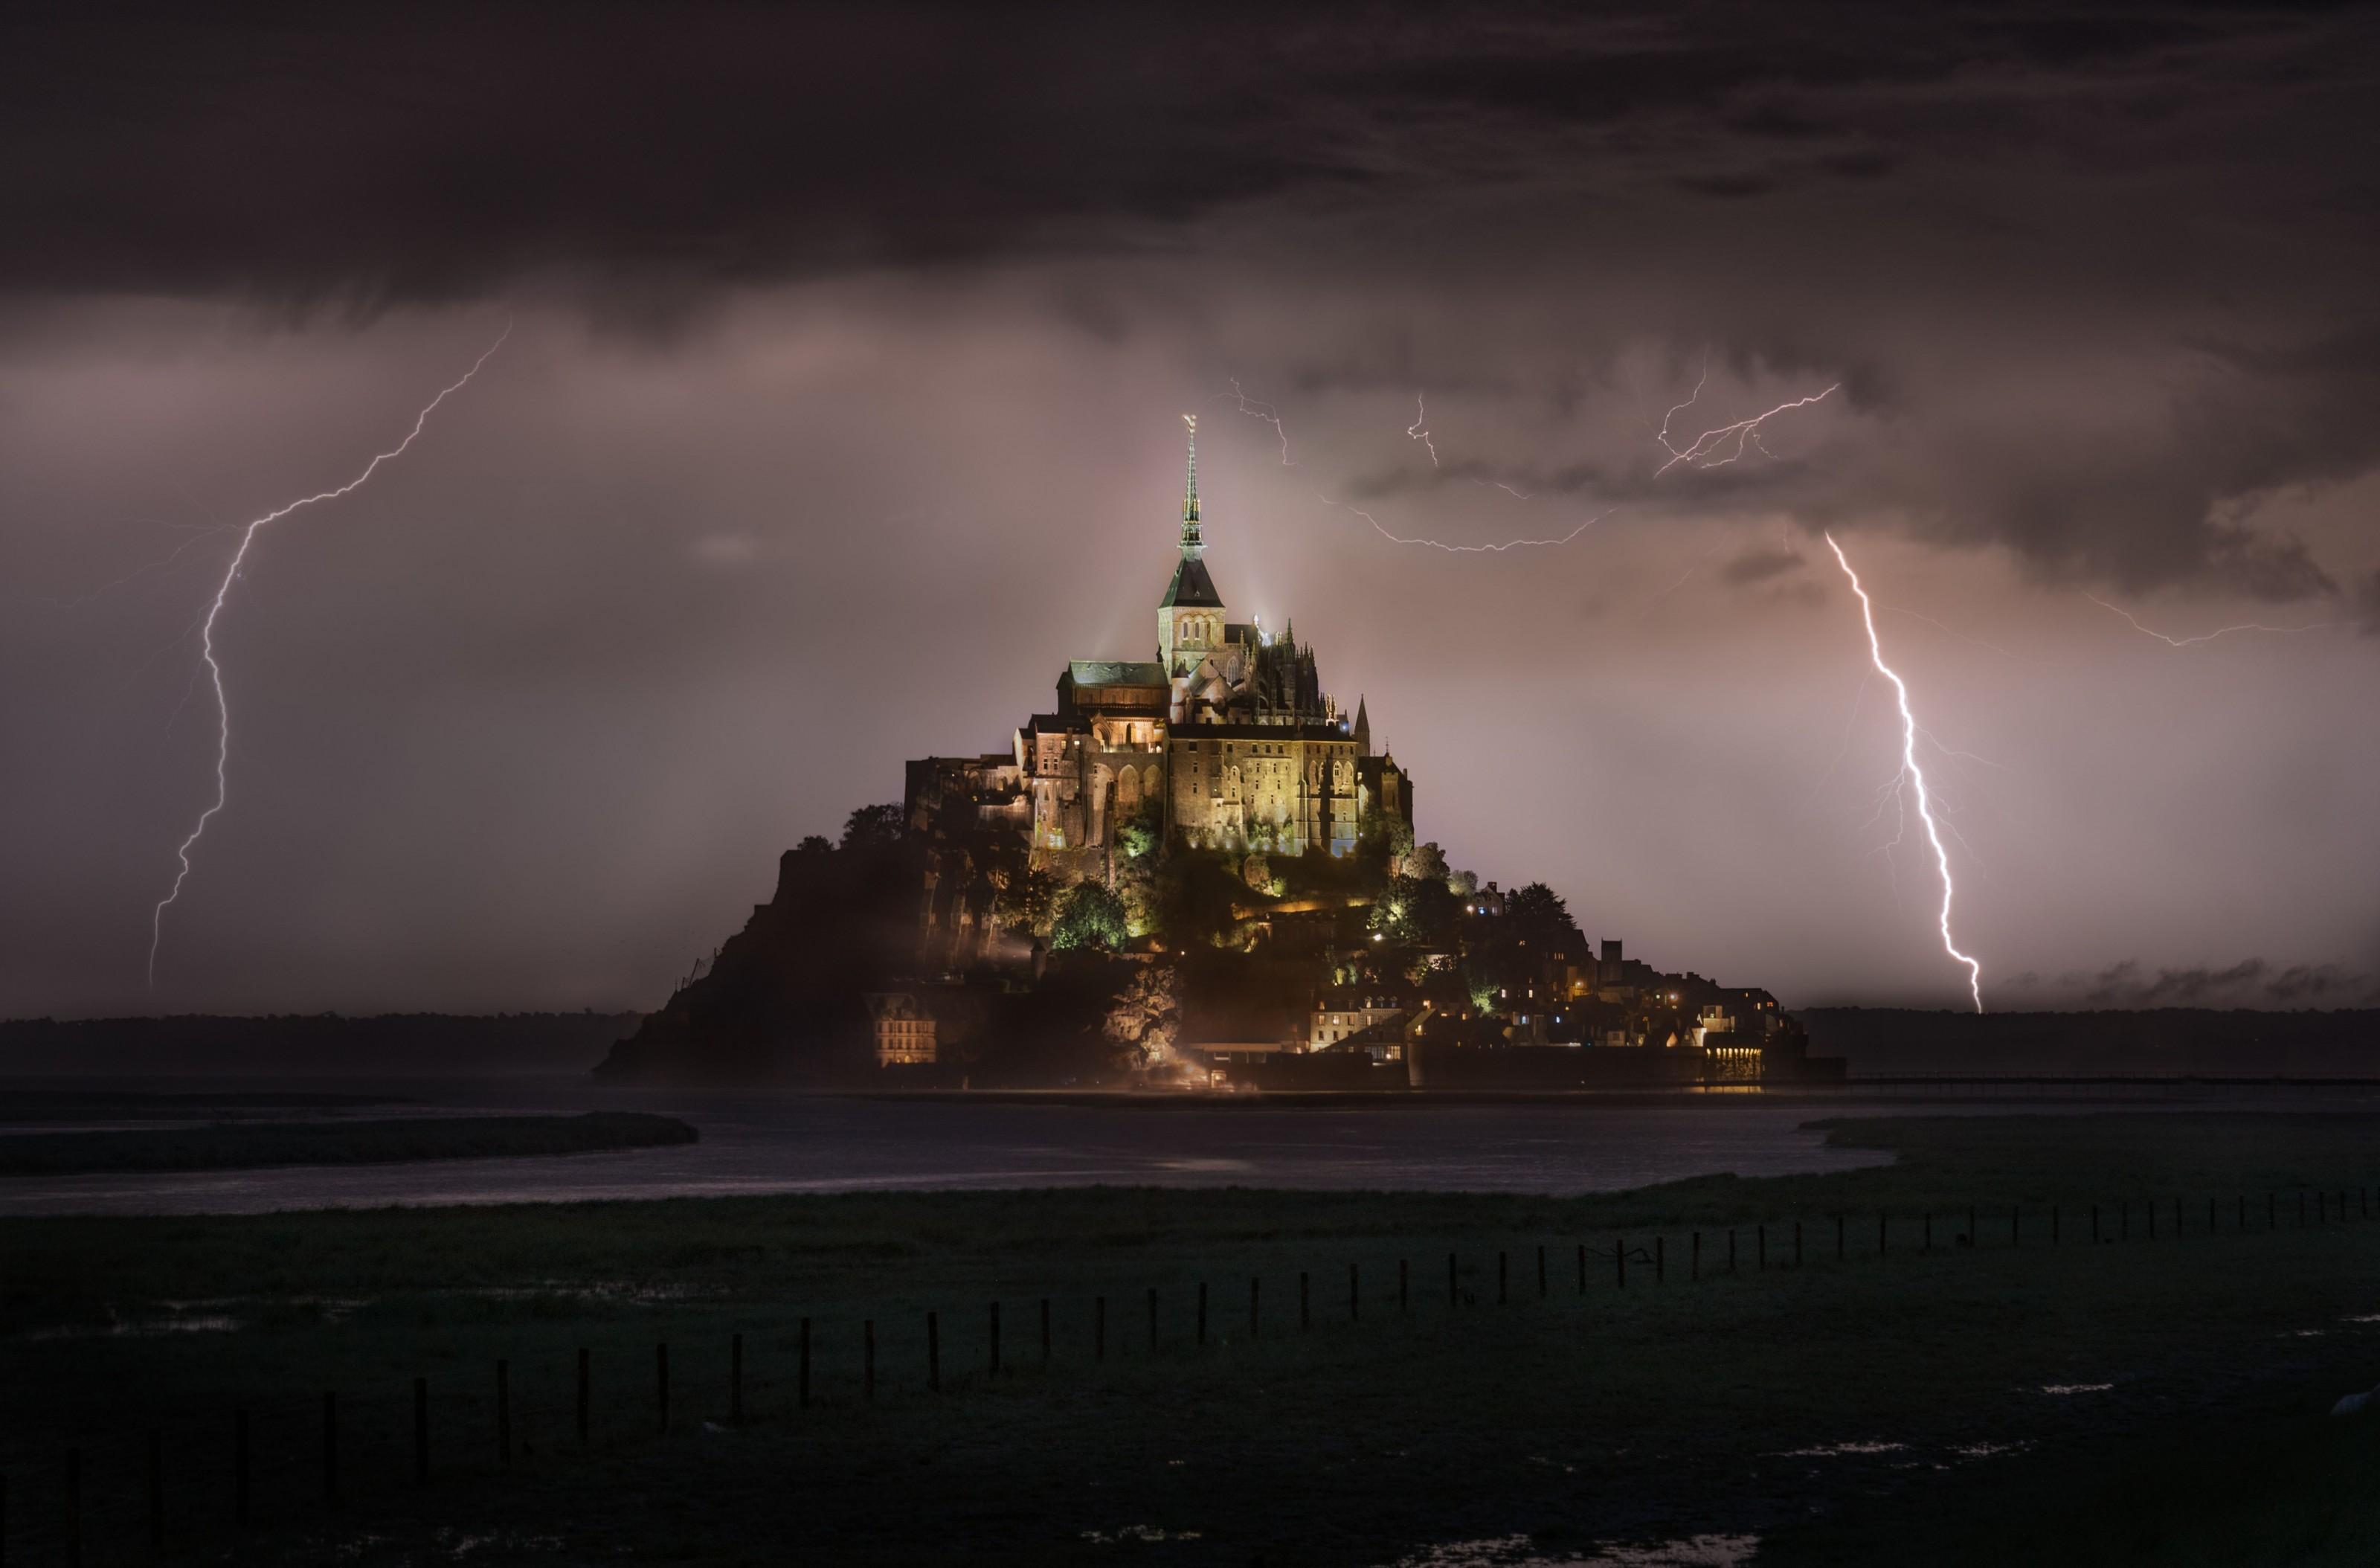 raios atingem castelo de mont-saint-michel